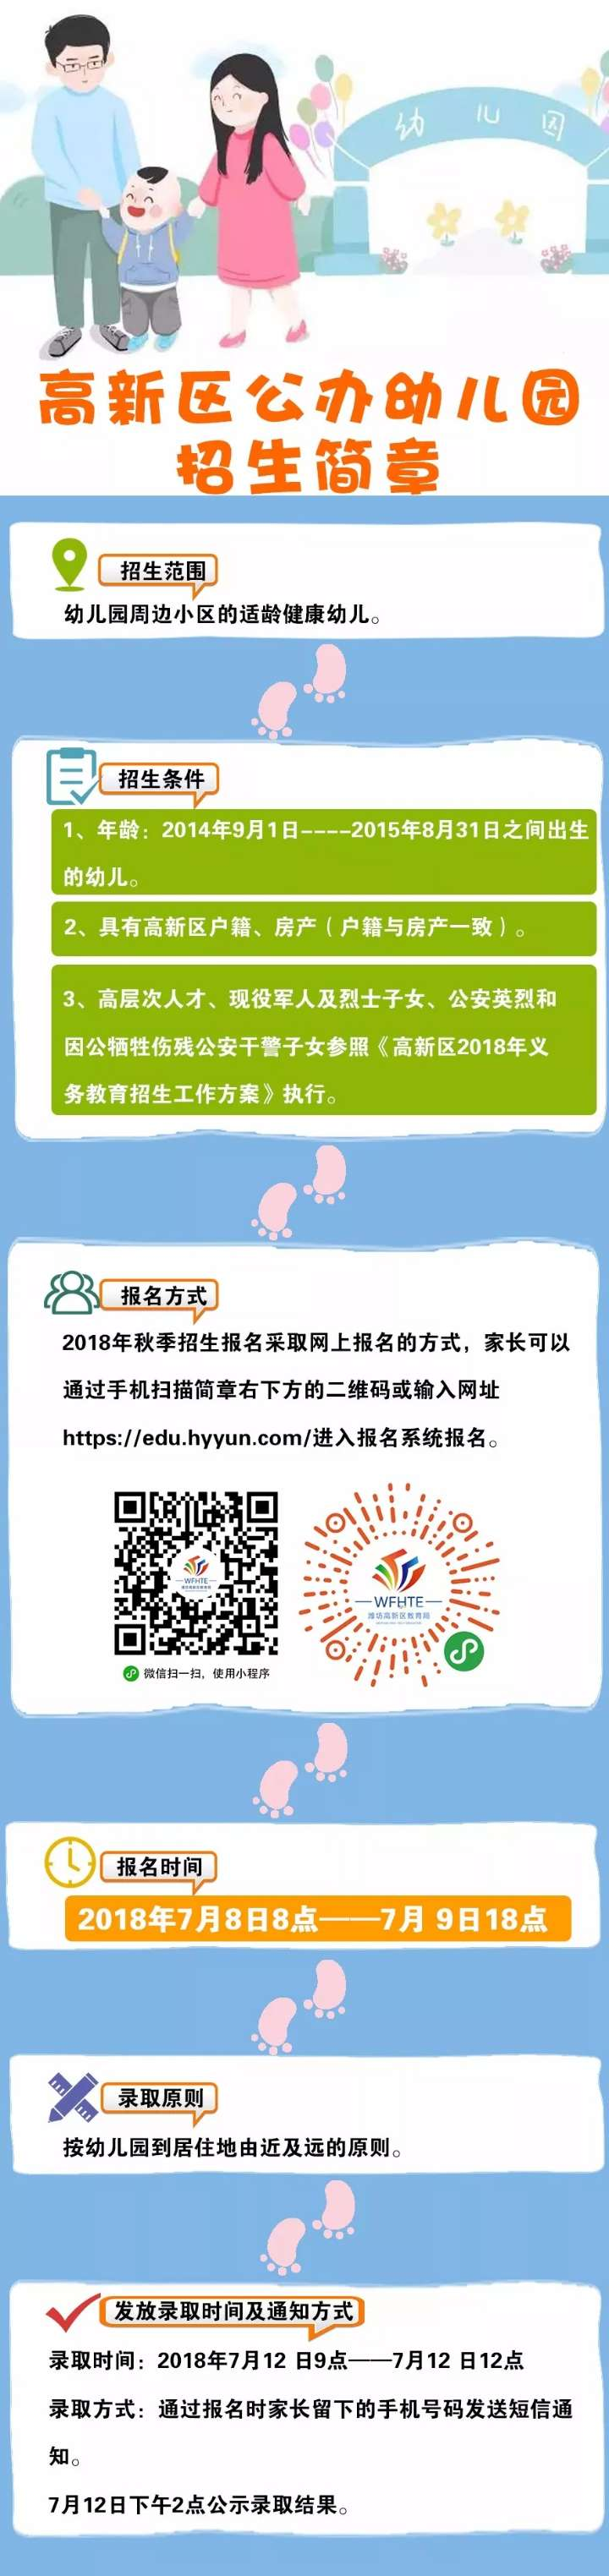 网上报名!潍坊高新区幼儿园招生方式有这些变化